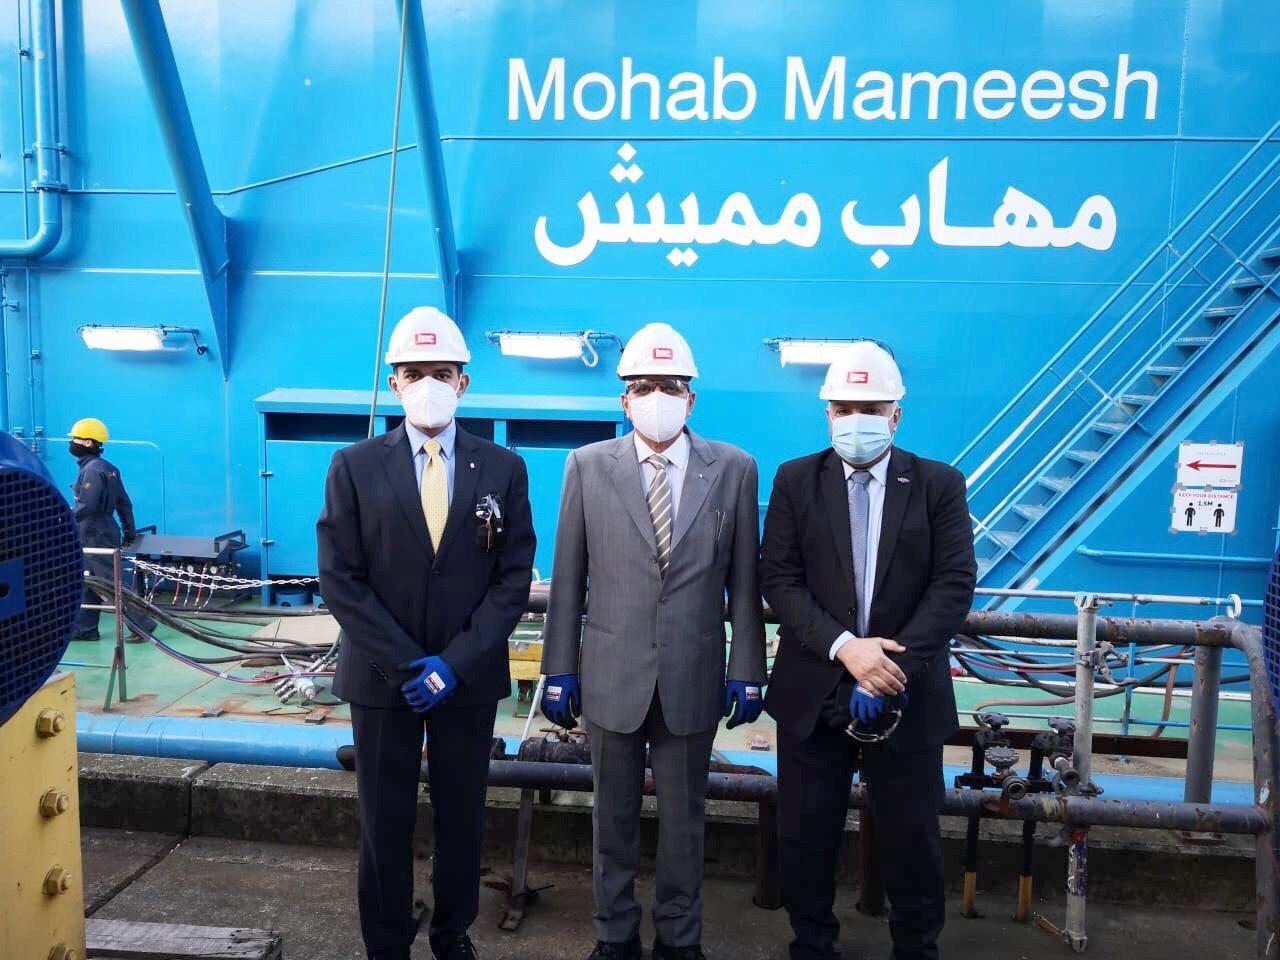 الكراكة مهاب مميش (4)